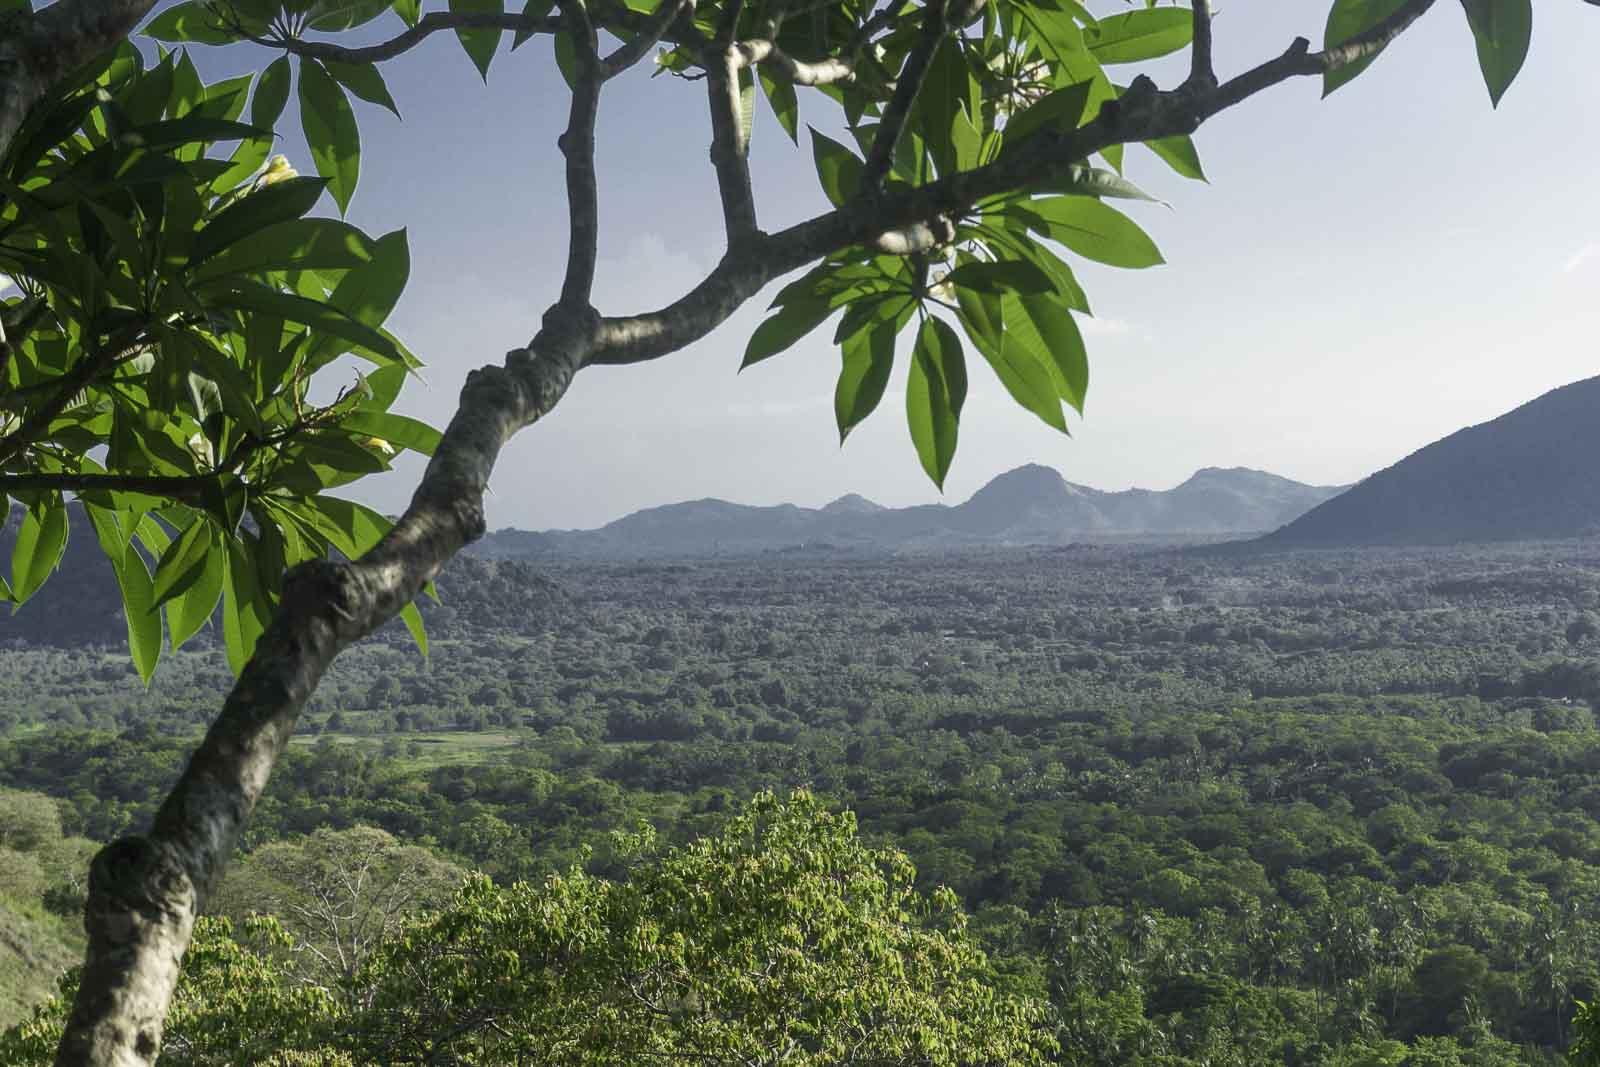 Die ideale Reiseroute für drei Wochen Sri Lanka